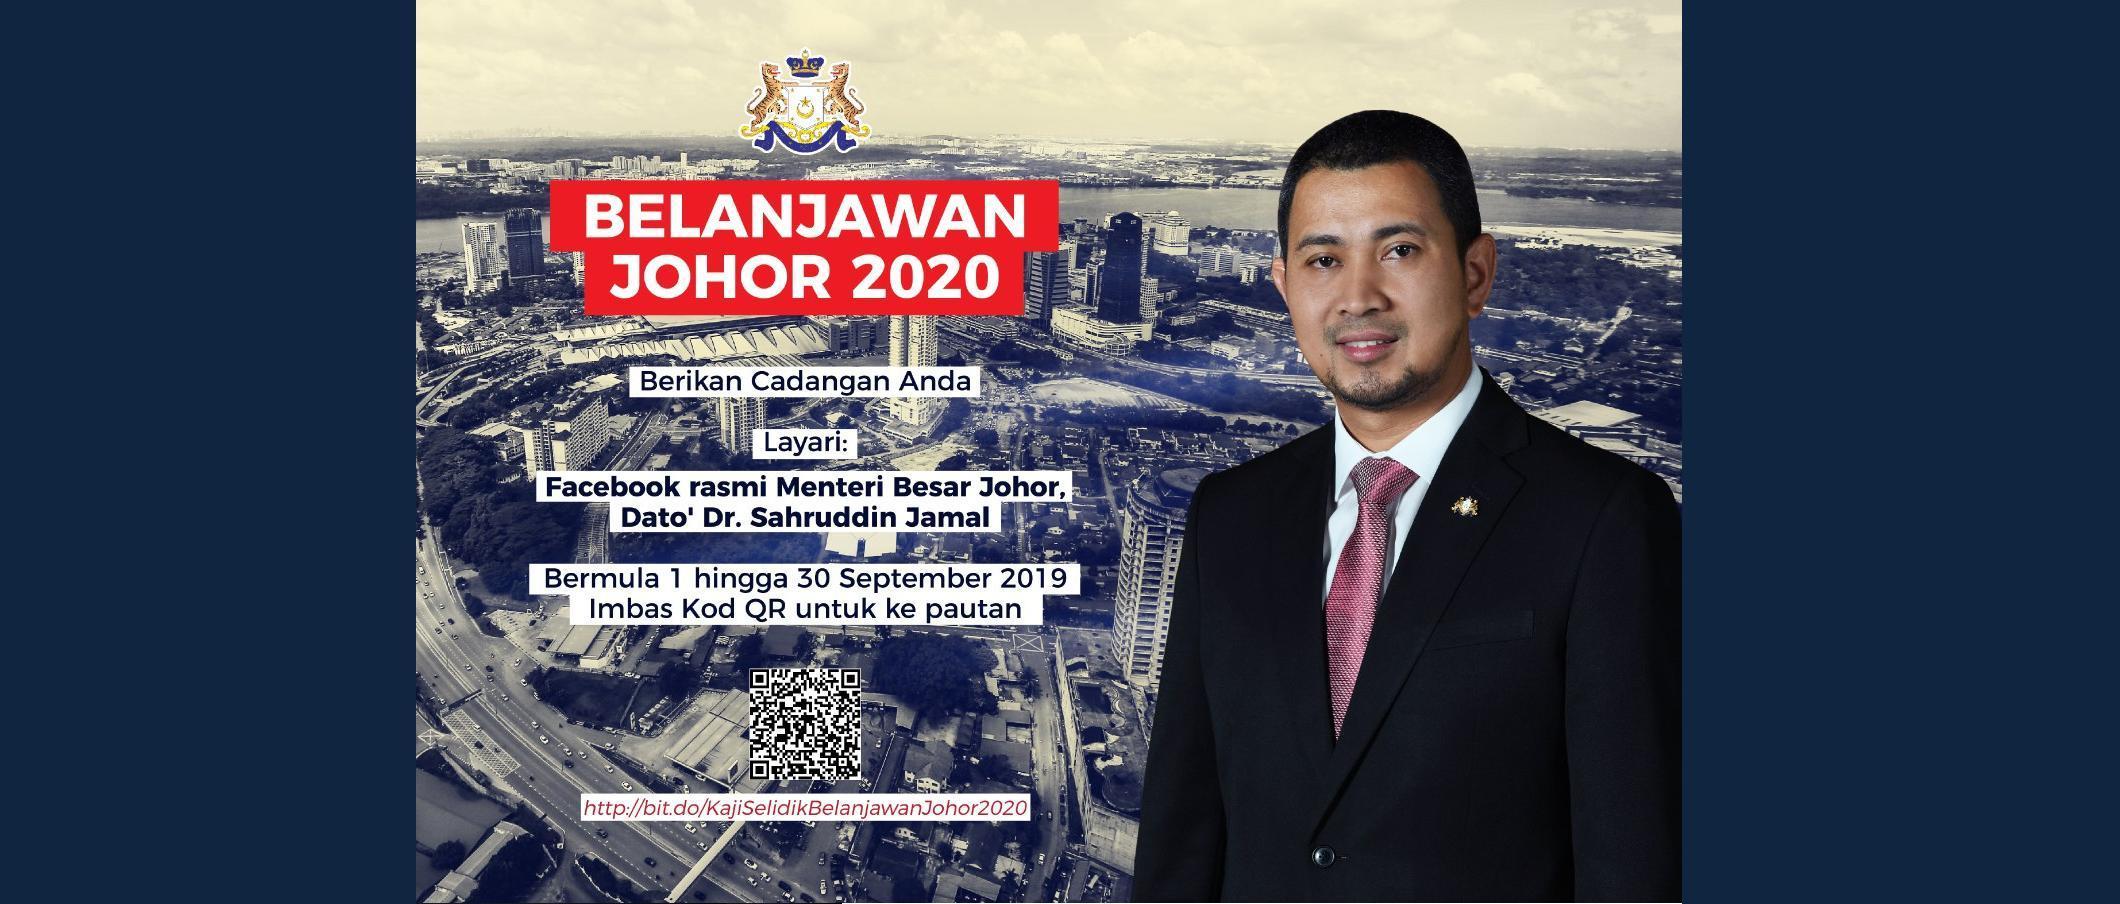 poster_qr_belanjawan_johor_2020_-_copy.jpeg